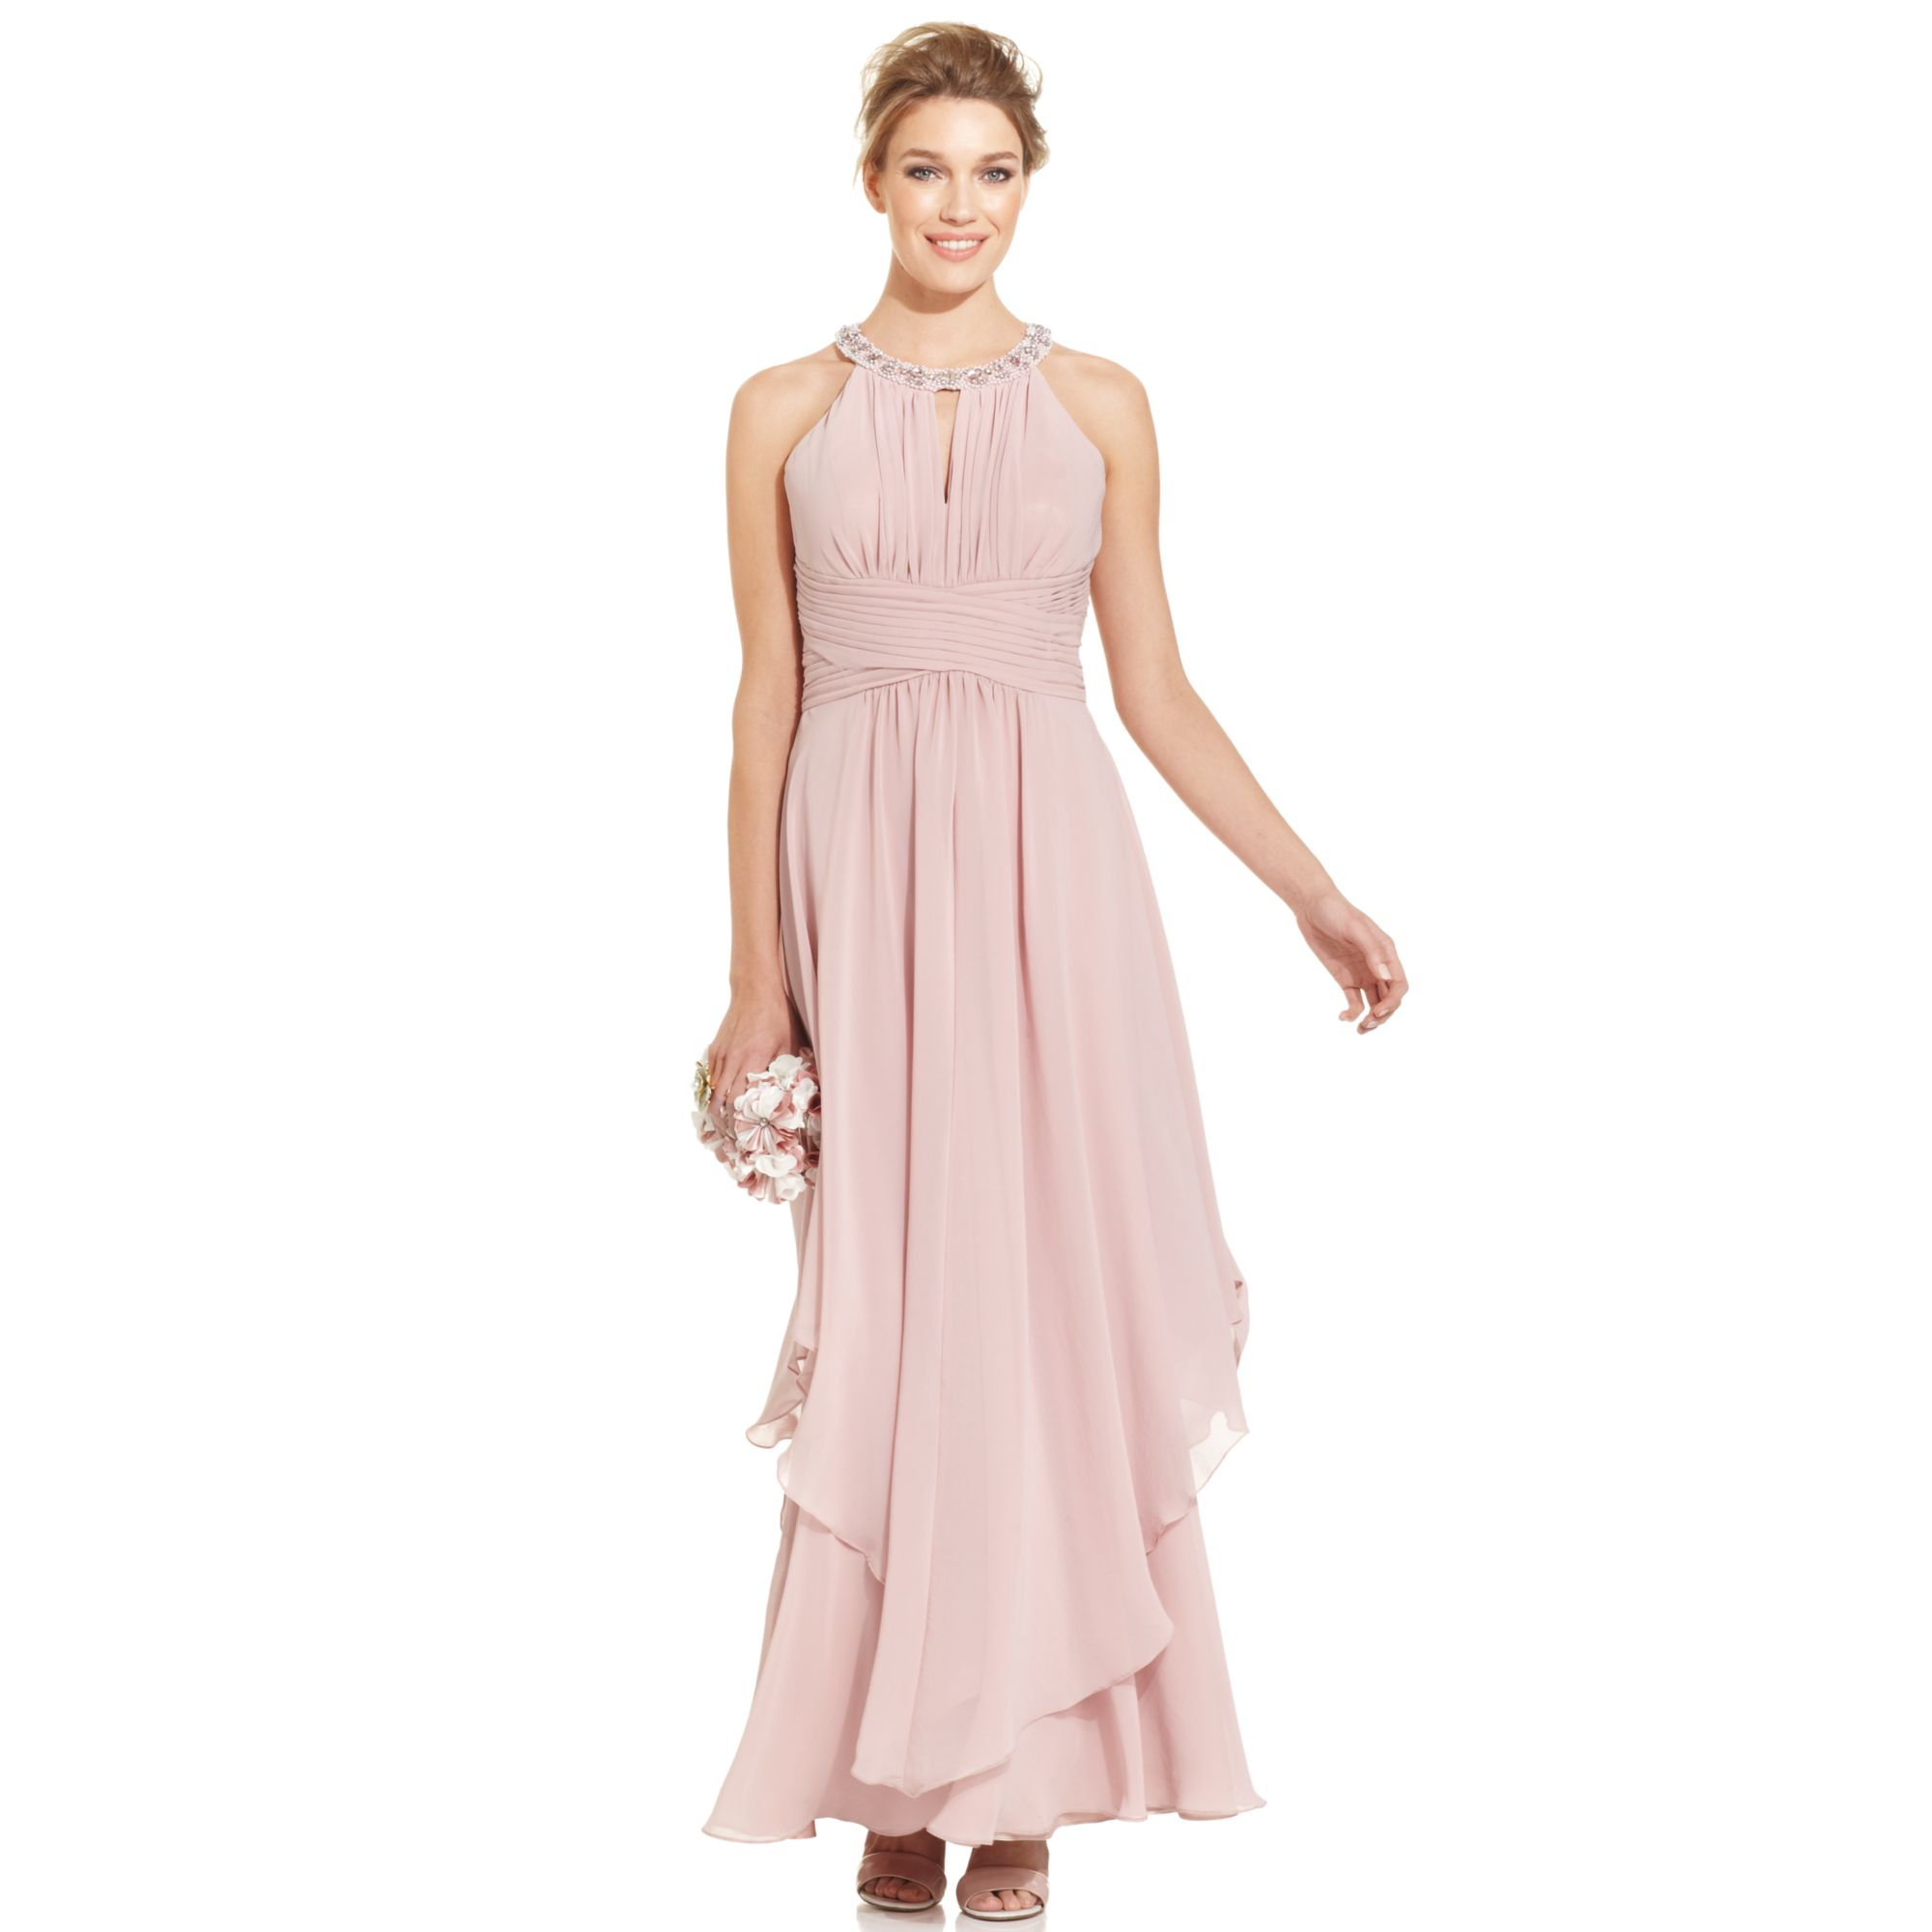 Lyst - Eliza J Sleeveless Jewelneck Halter Gown in Pink